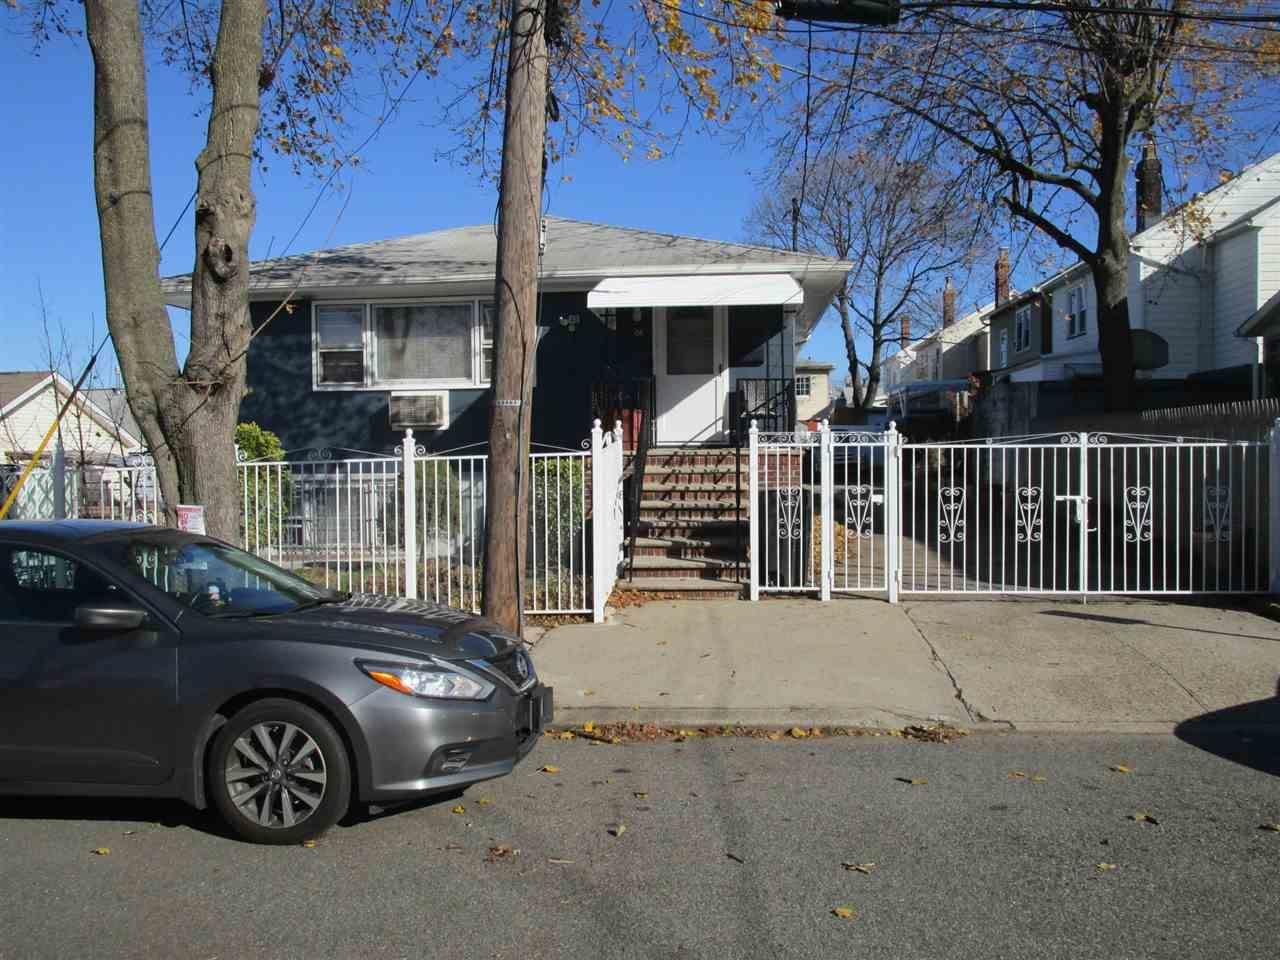 158 GREENVILLE AVE, Jersey City, NJ 07305 - #: 190023122